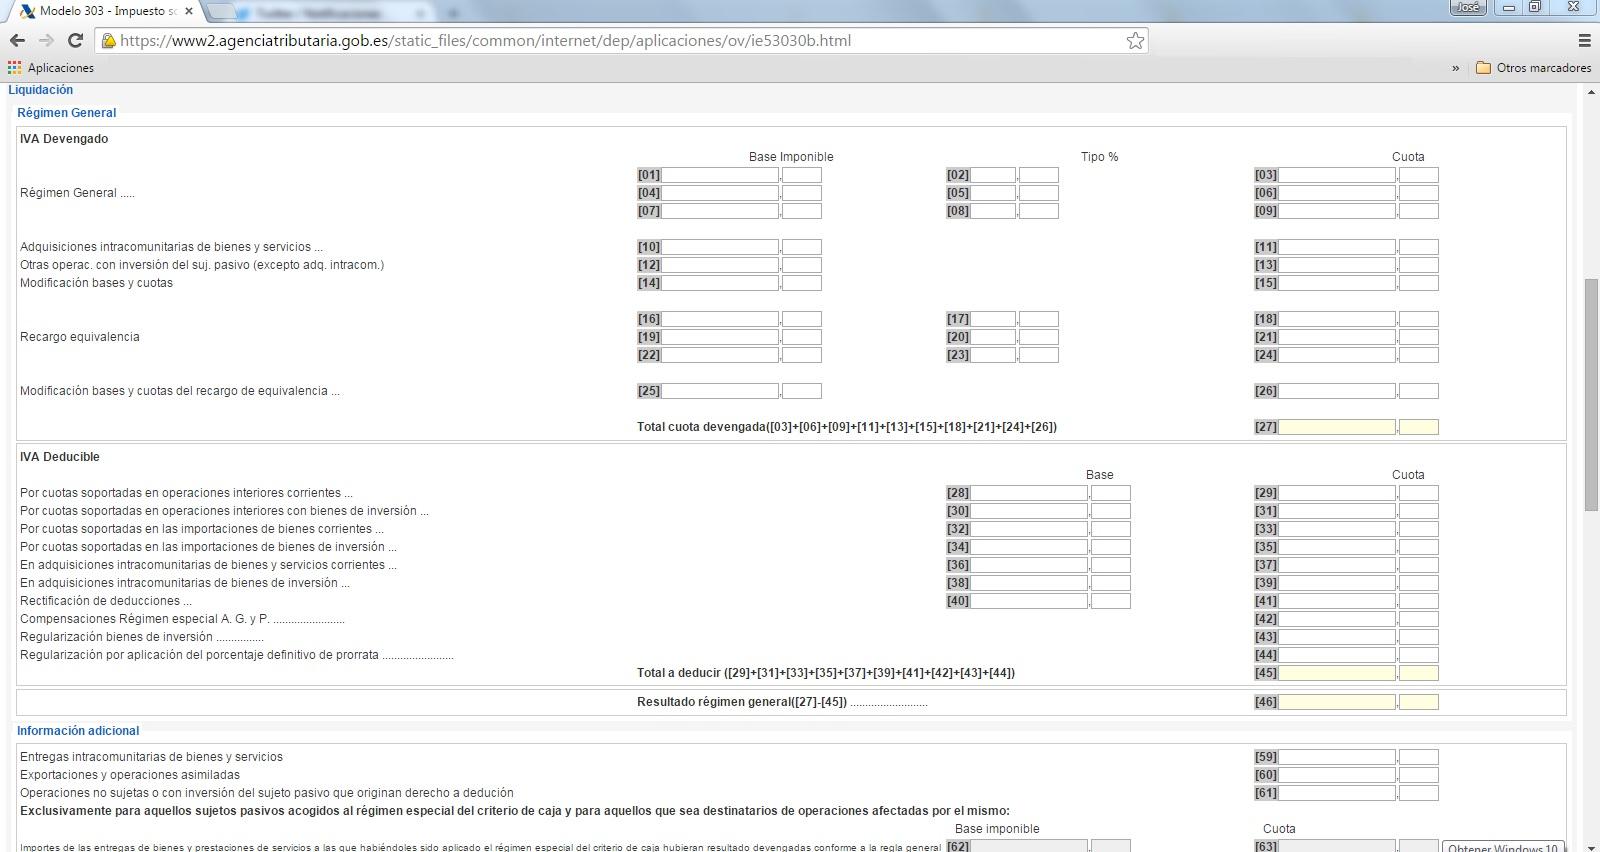 Guía práctica para entender el Modelo 303 de IVA